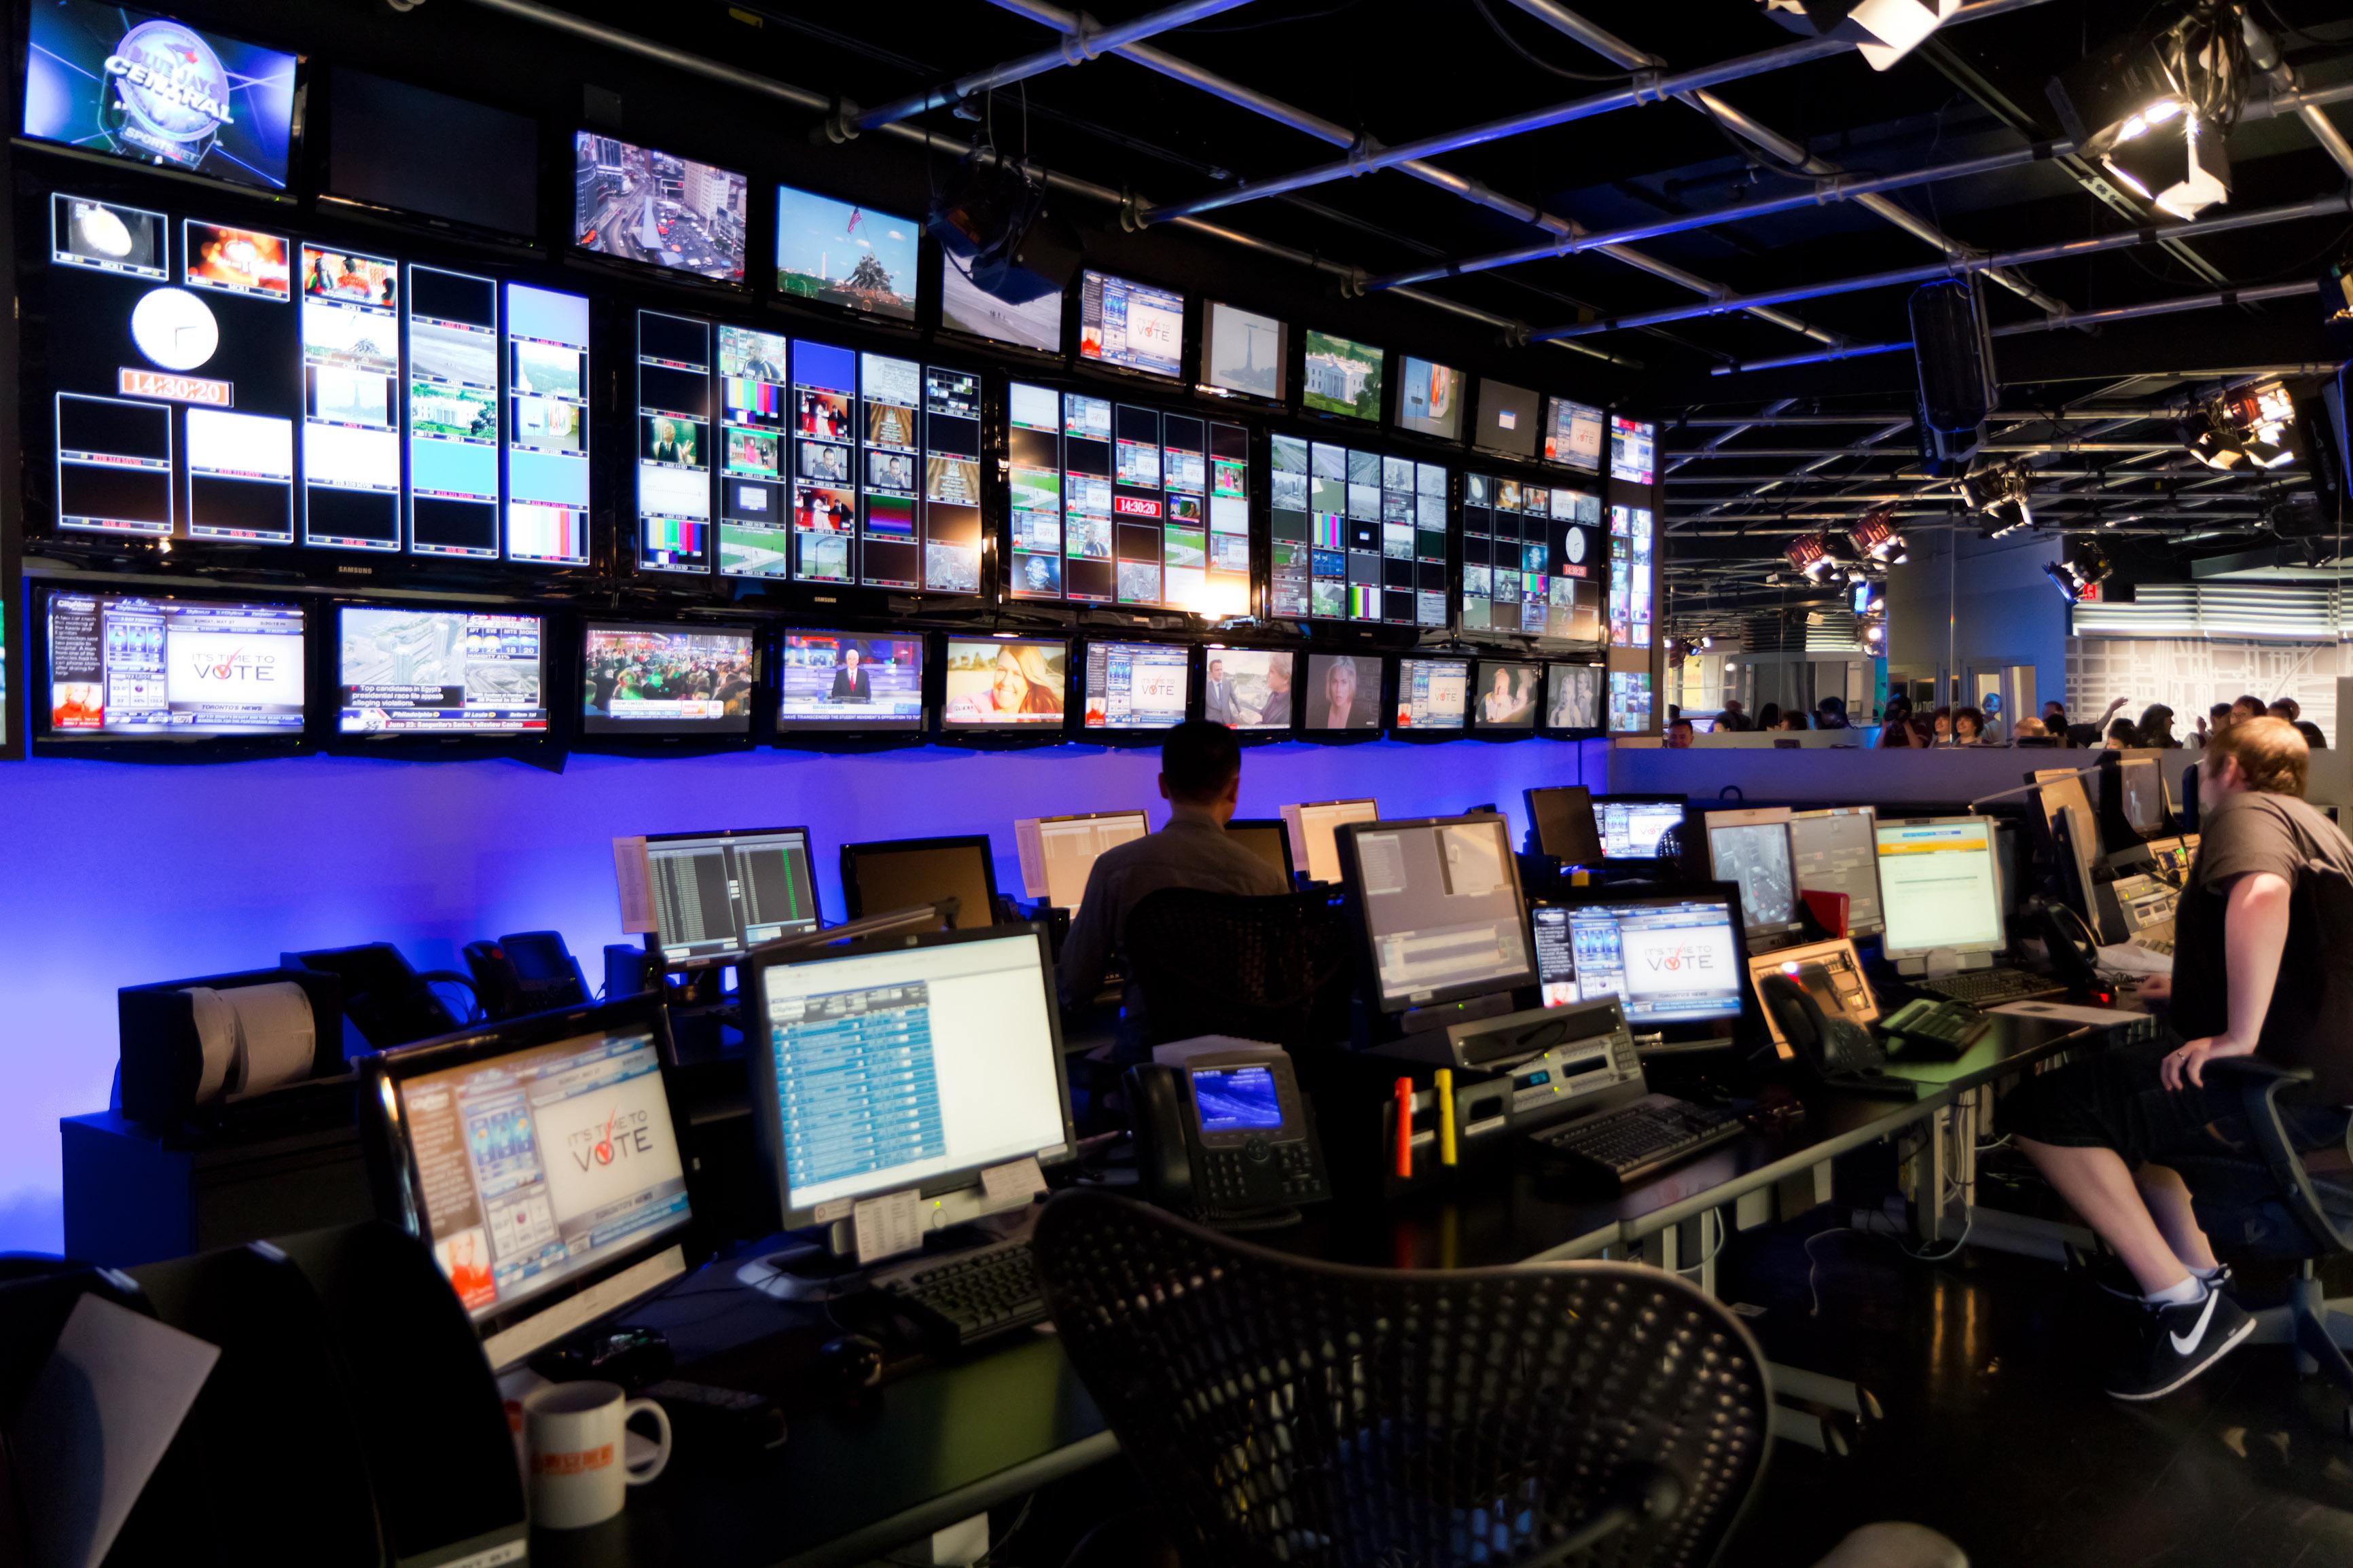 City_tv_control_room_Doors_Open_Toronto_2012_%281%29.jpg